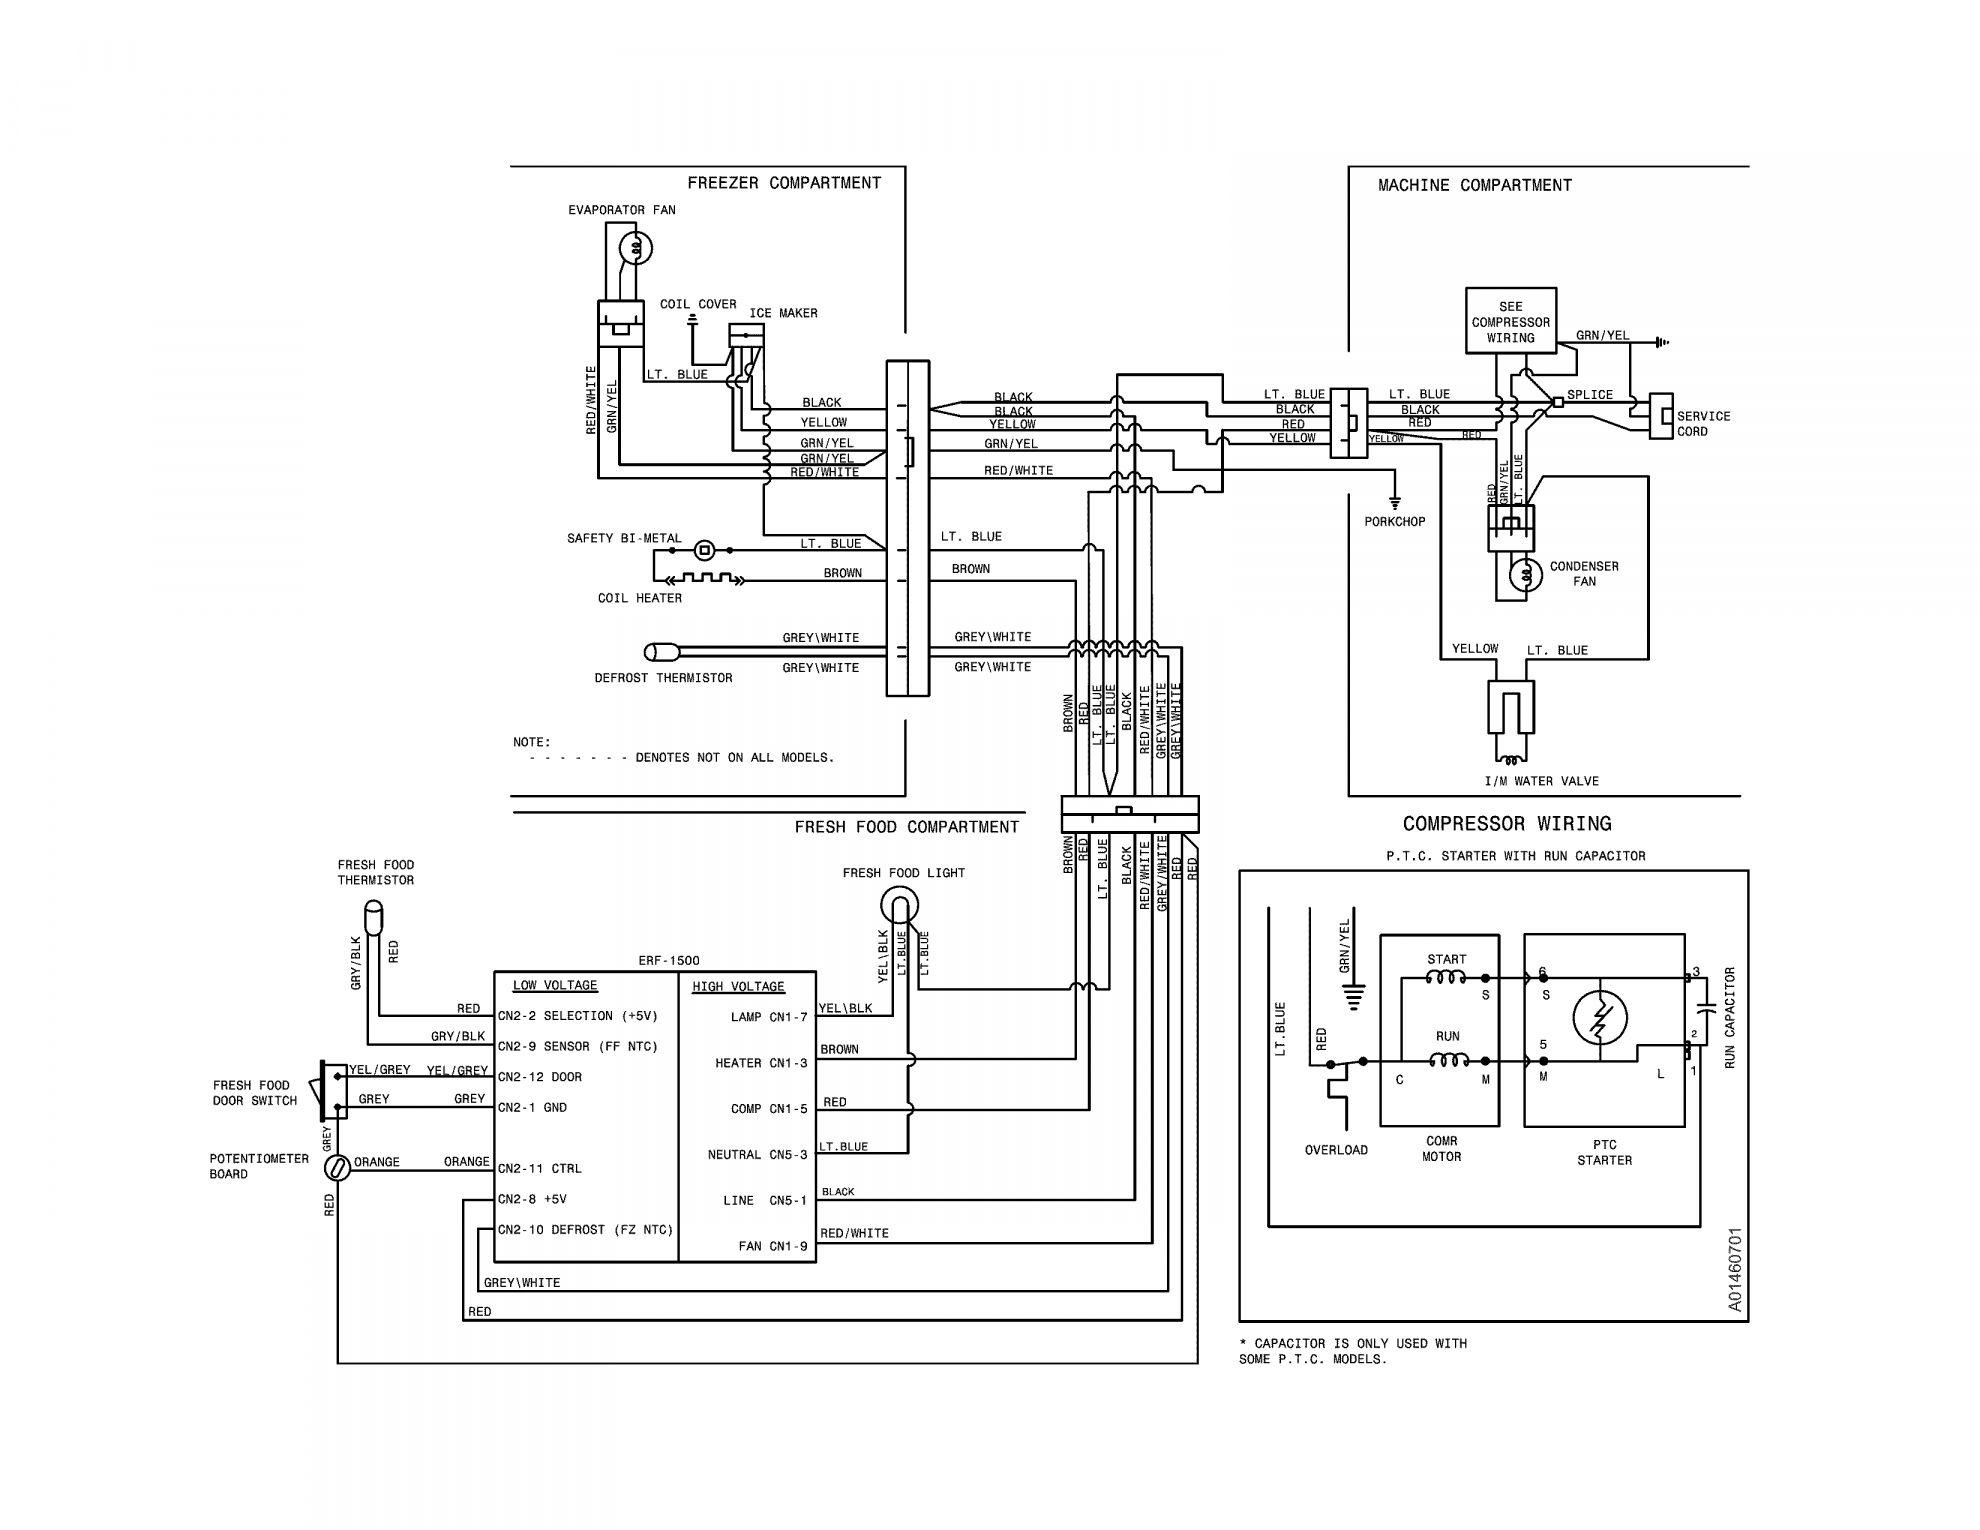 Electric Range Wiring Schematic